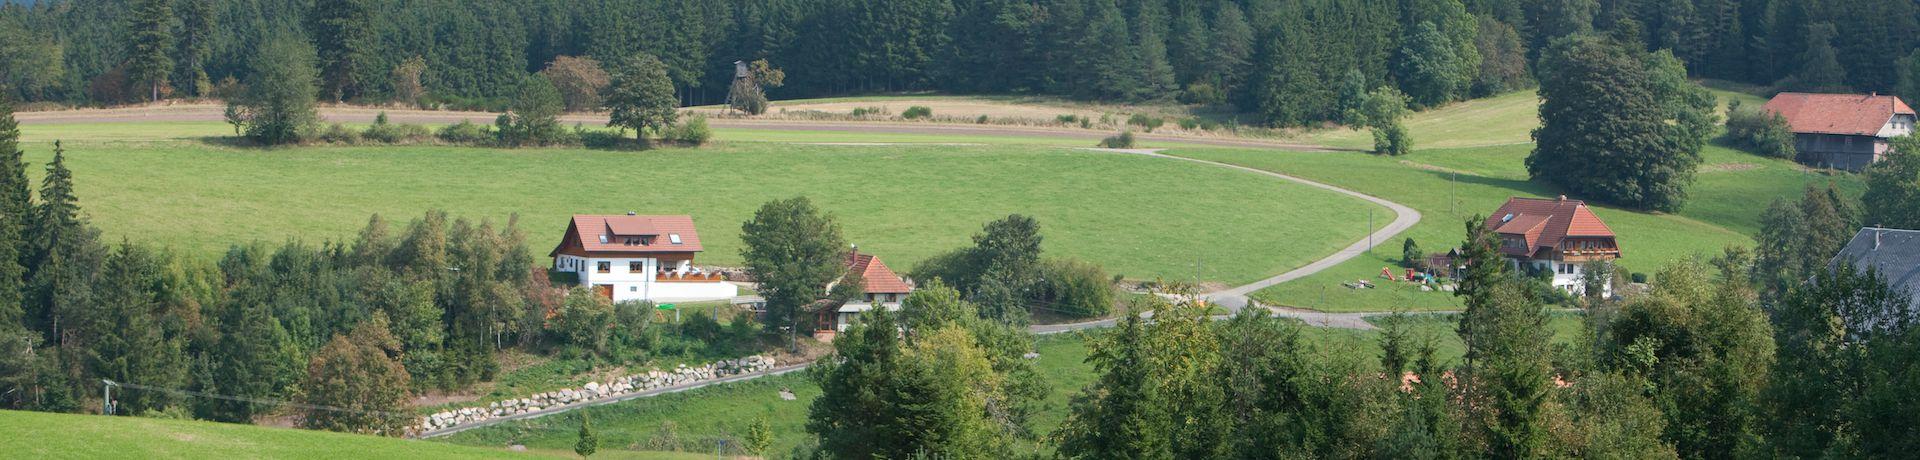 Supertrips - BoerenBed Duitsland Hilserhof